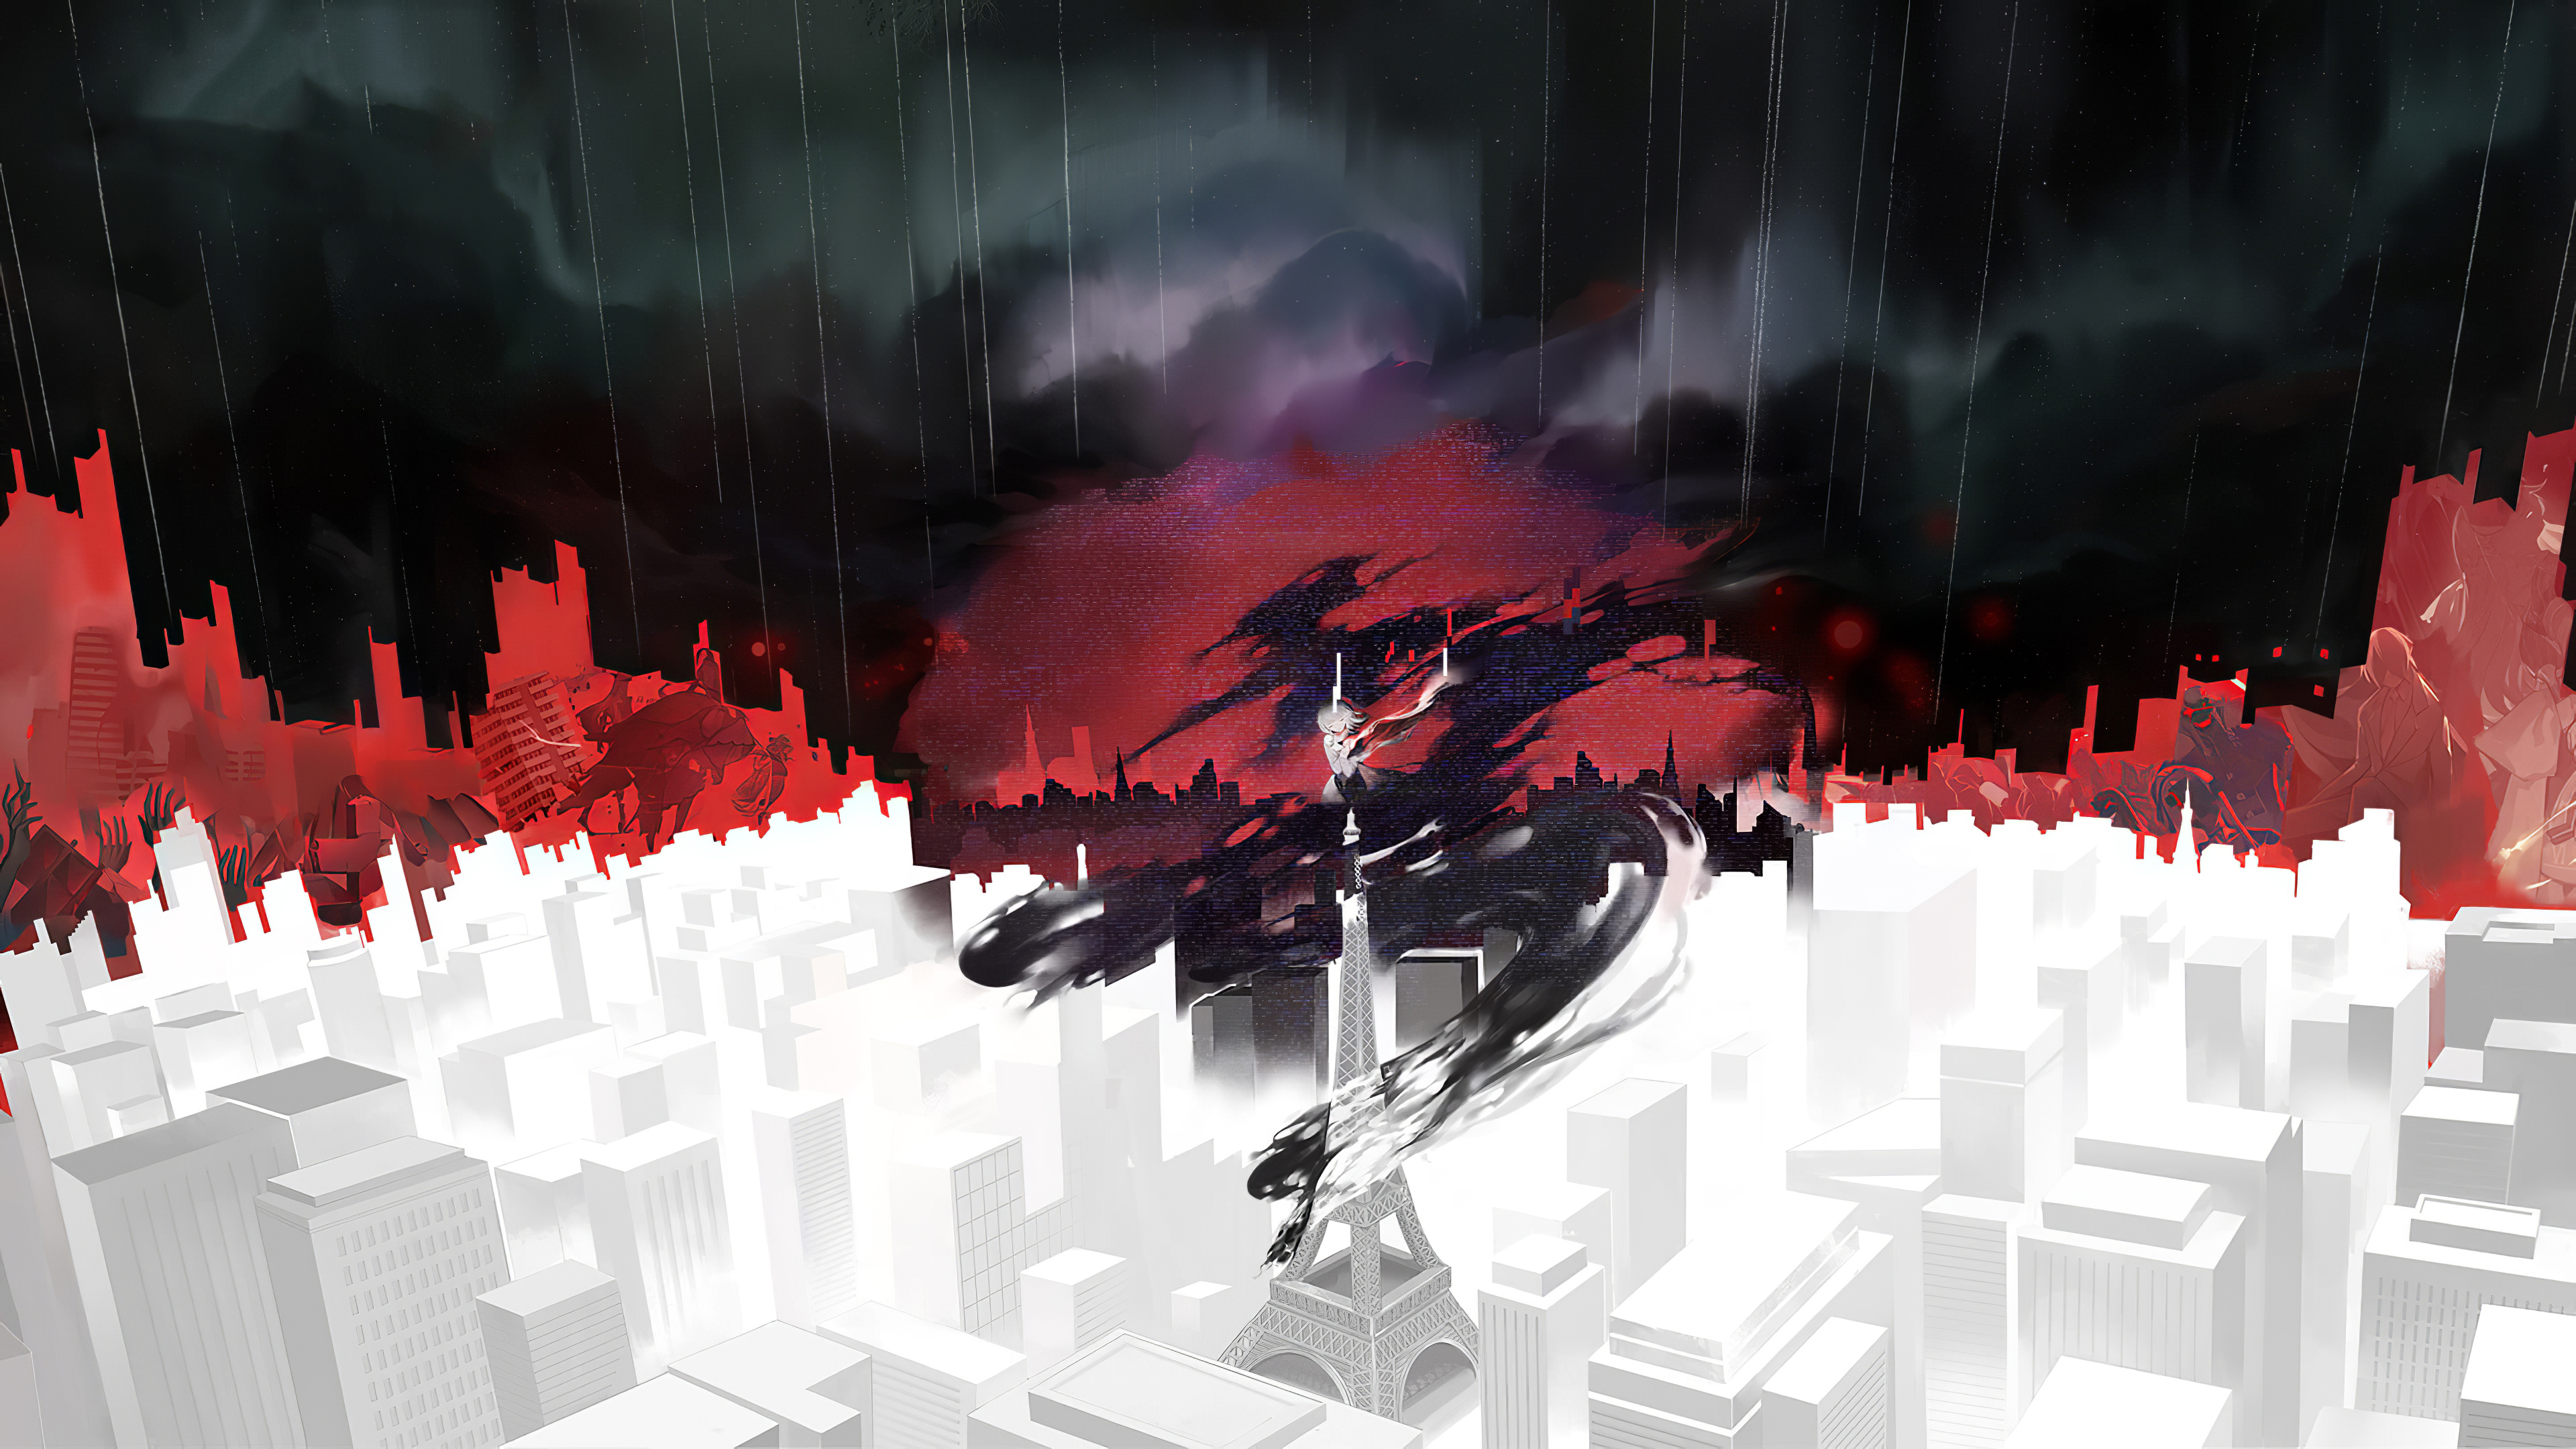 Fondos de pantalla Anime Forever 7th capital